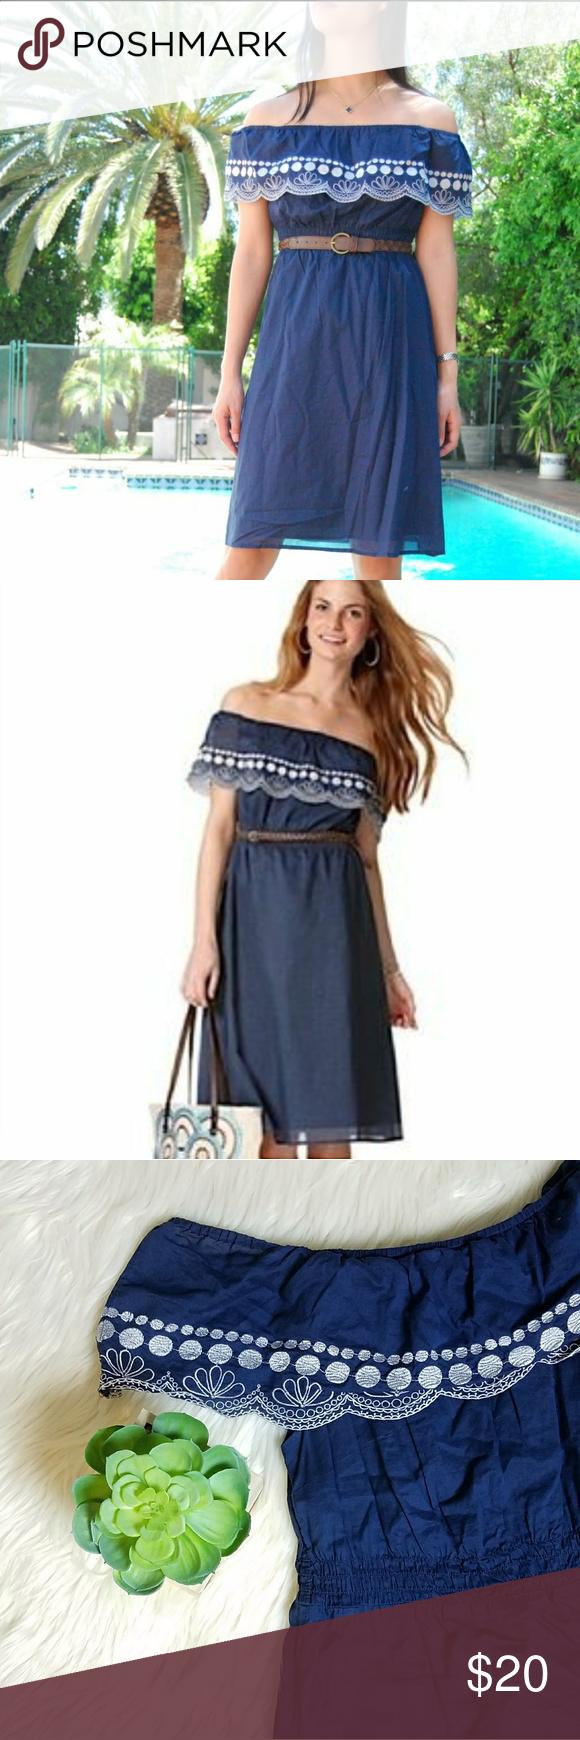 Calypso Target Navy Blue Off The Shoulder Dress Clothes Design Dresses Shoulder Dress [ 1740 x 580 Pixel ]